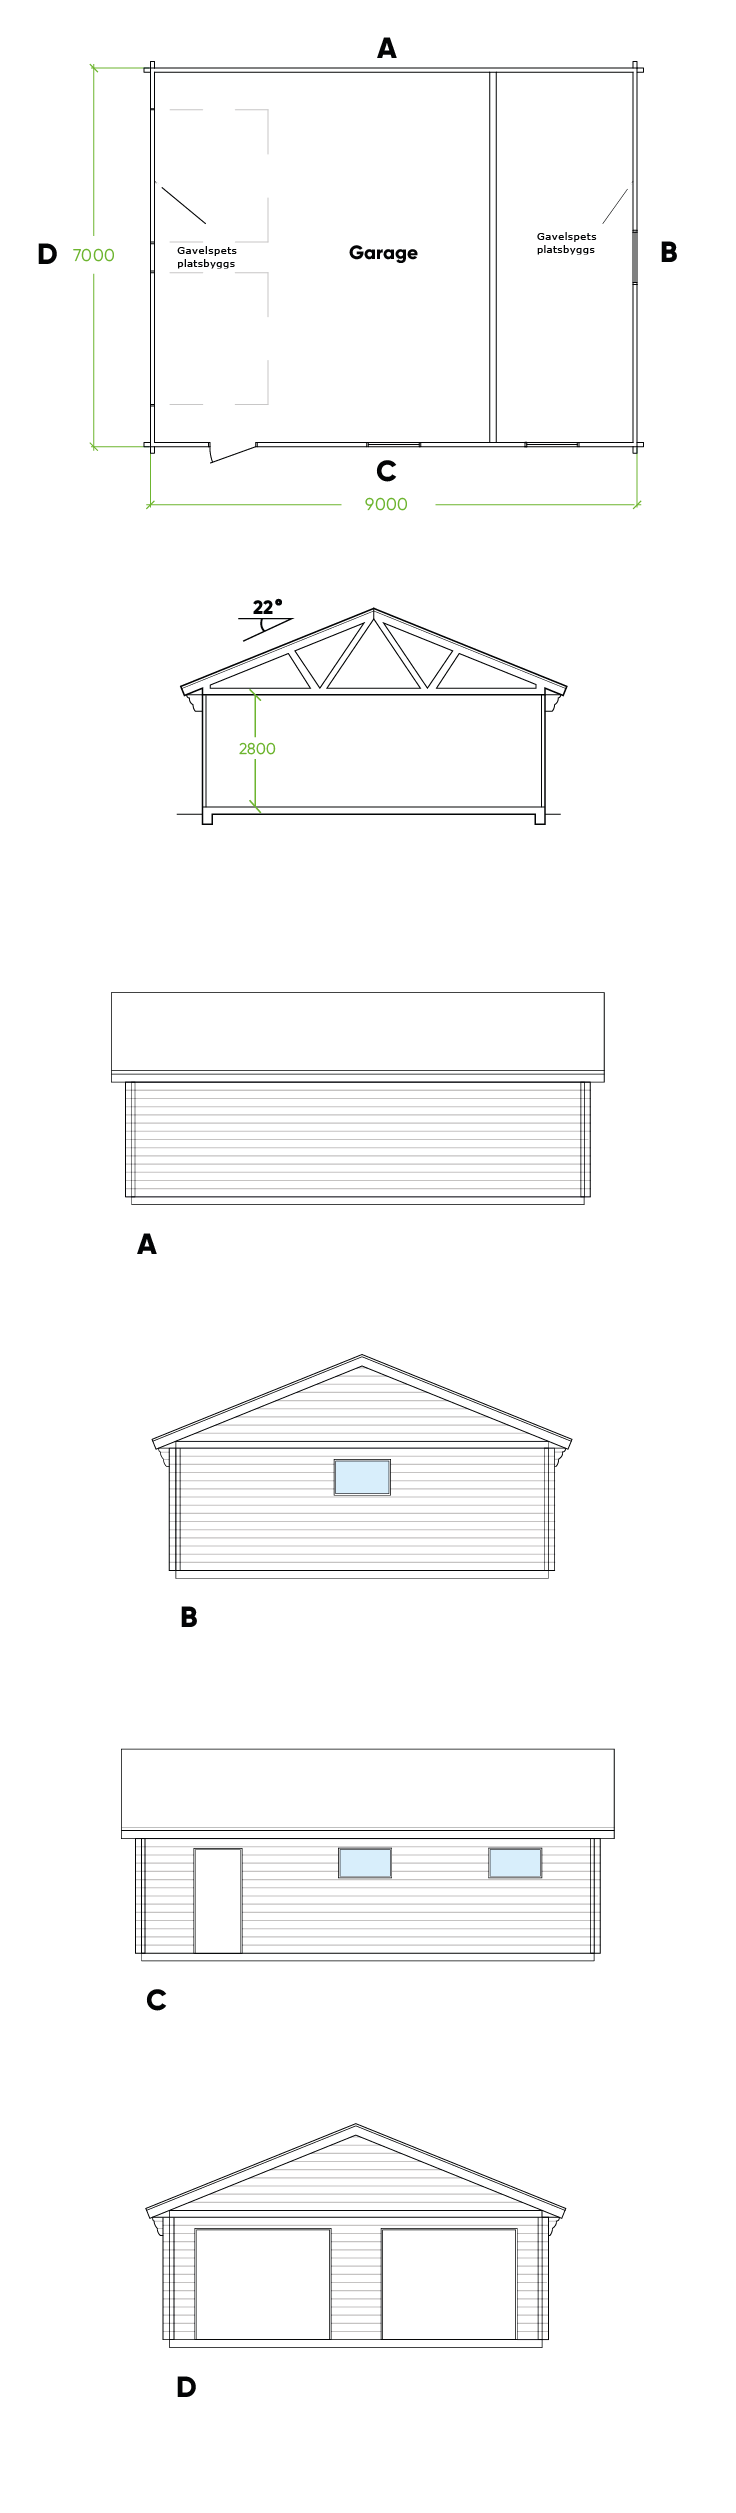 Planritning Garage Bygg & Trä